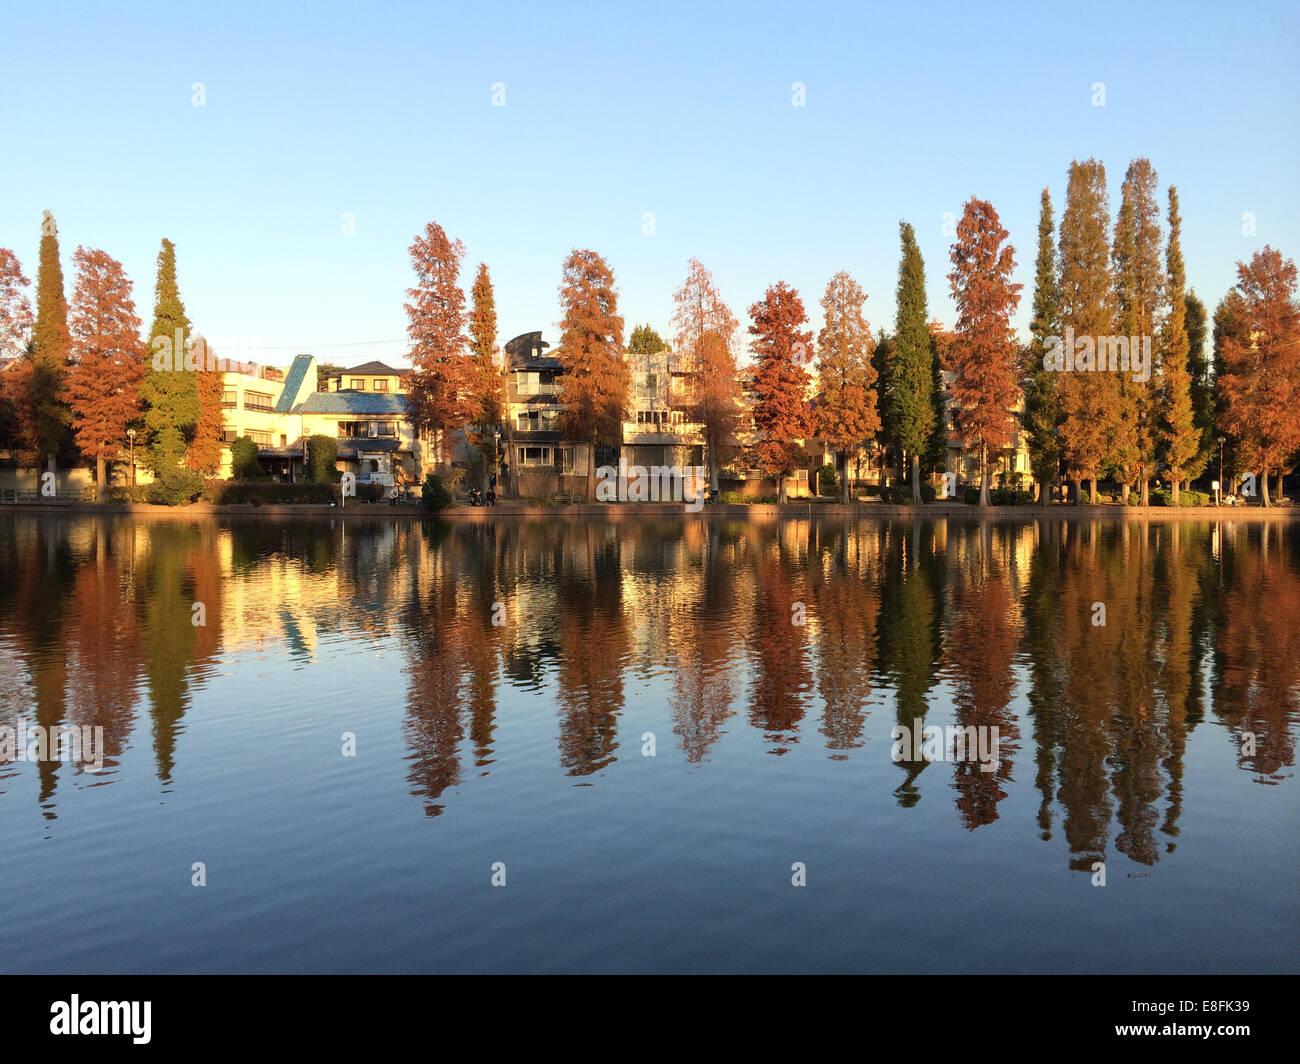 Arbres et maisons au bord de la rivière Photo Stock